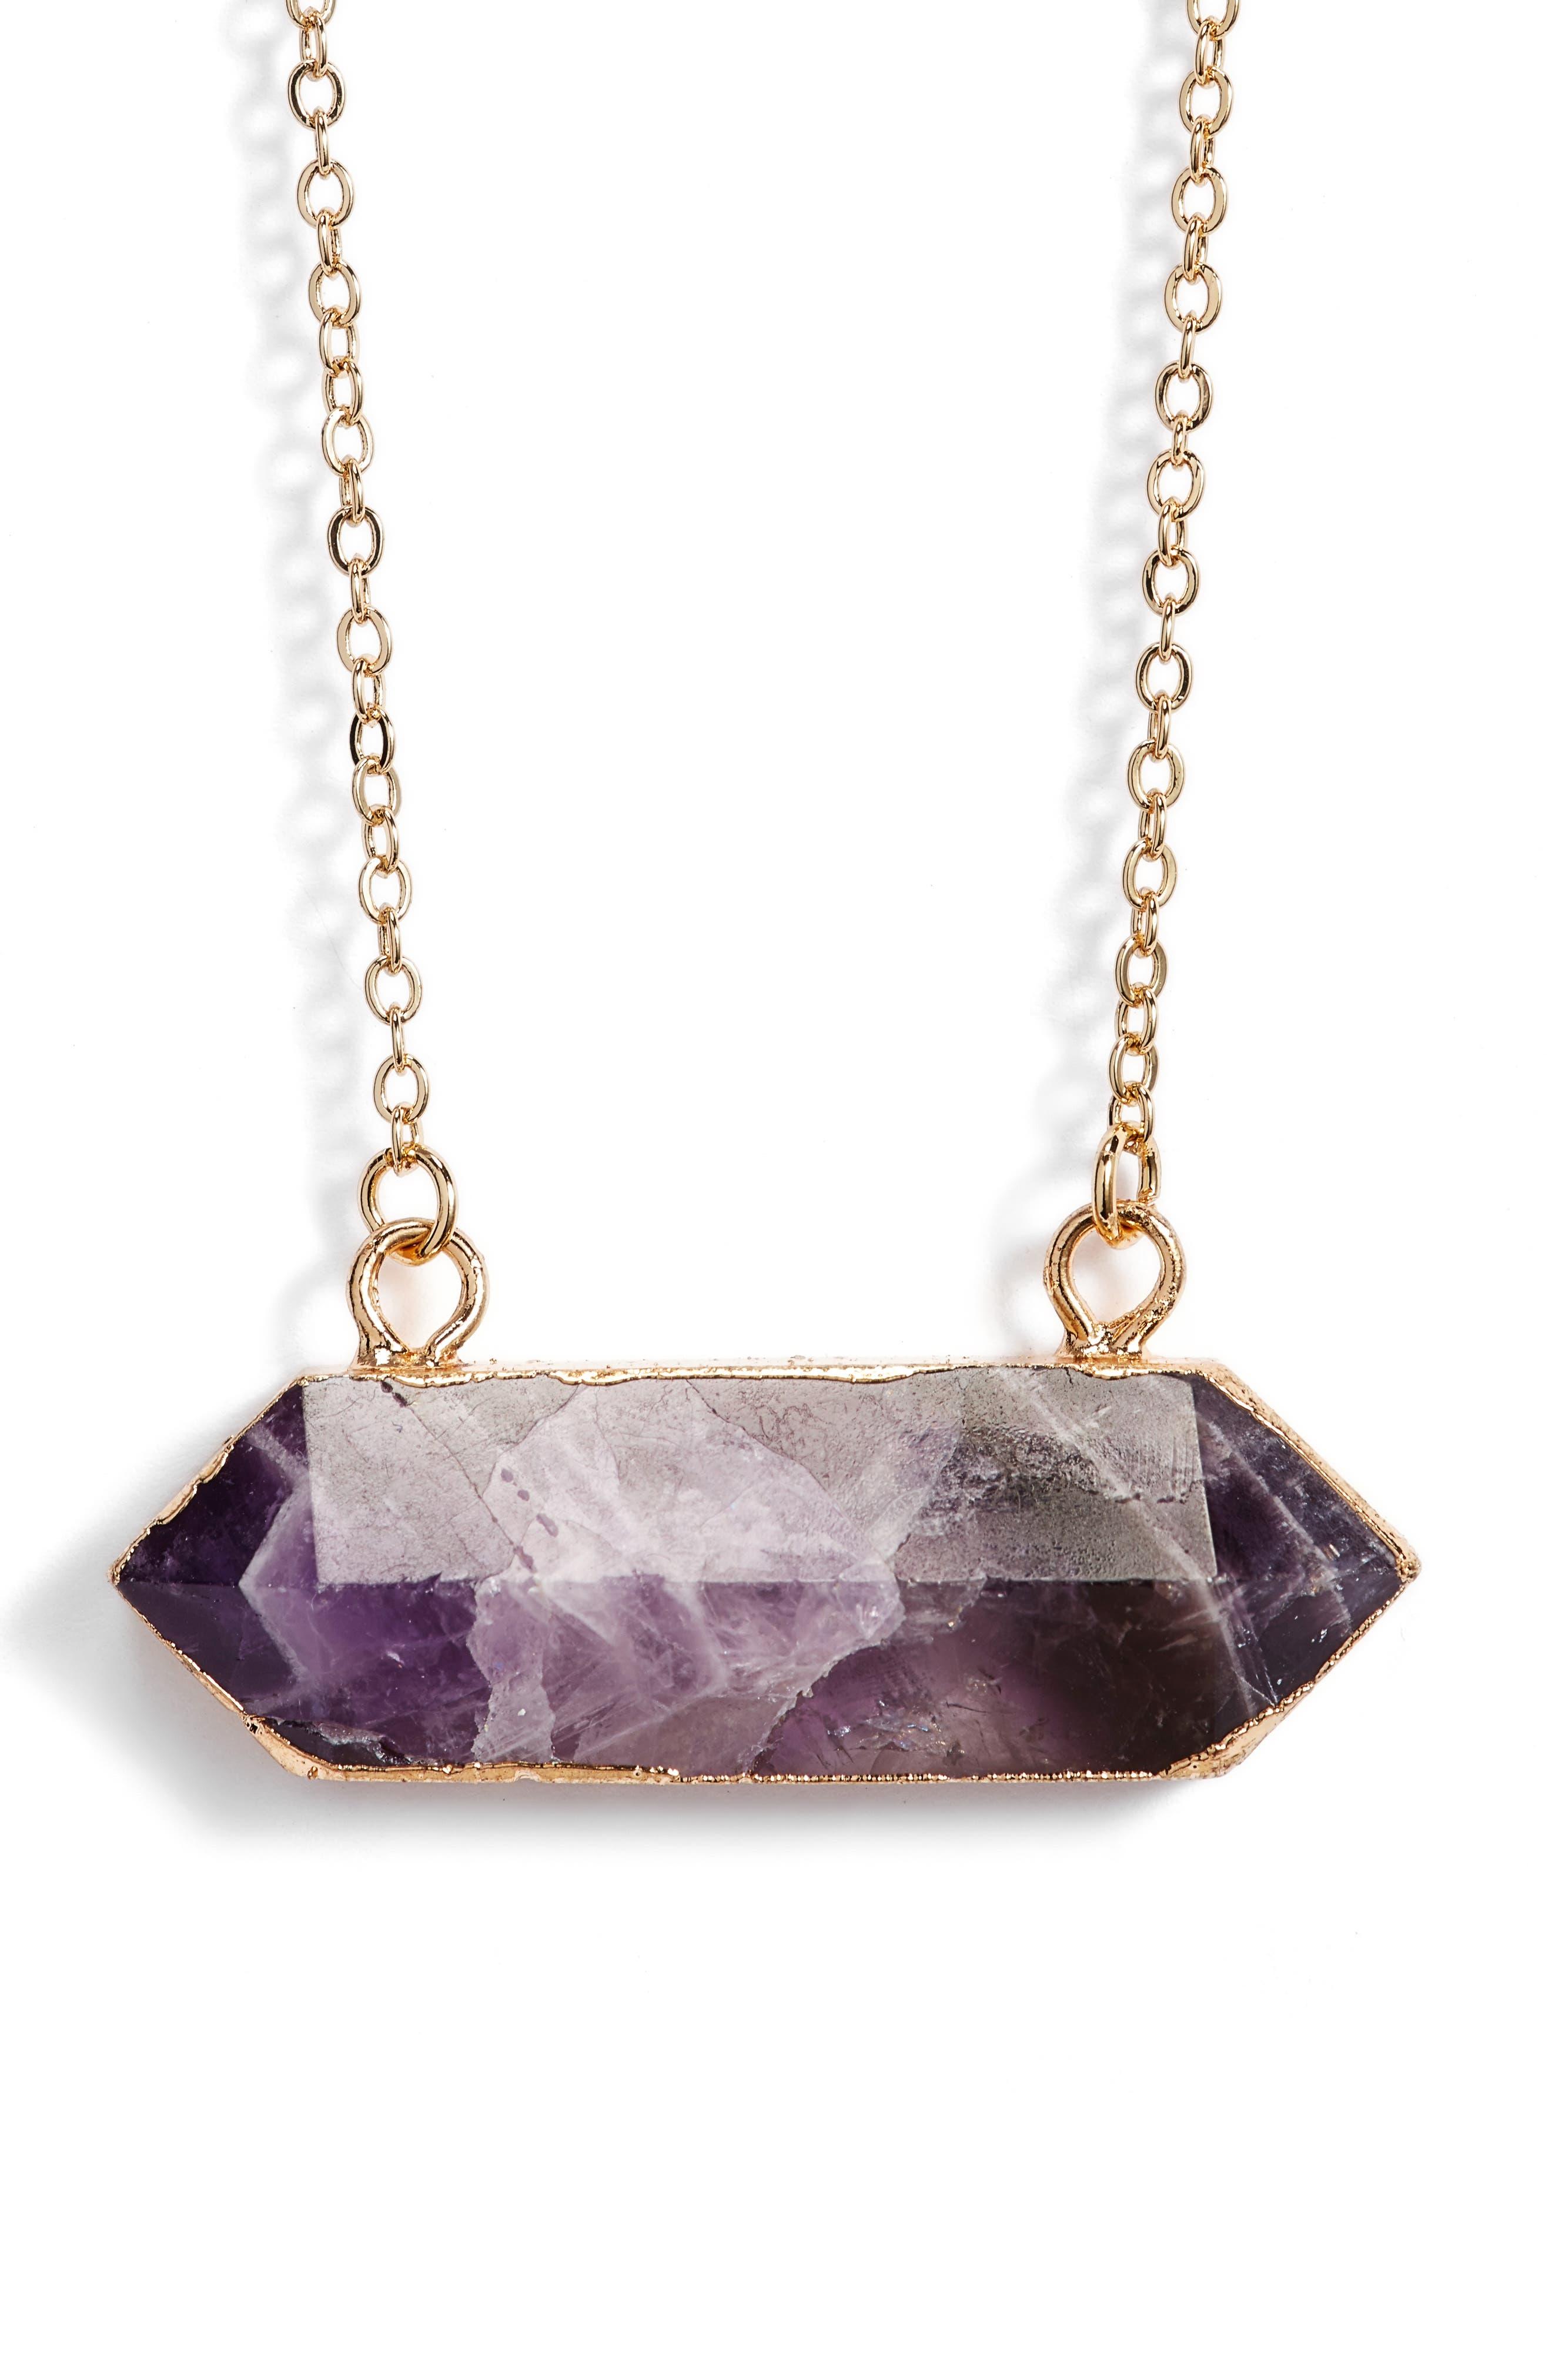 Elise M. Riva Stone Pendant Necklace